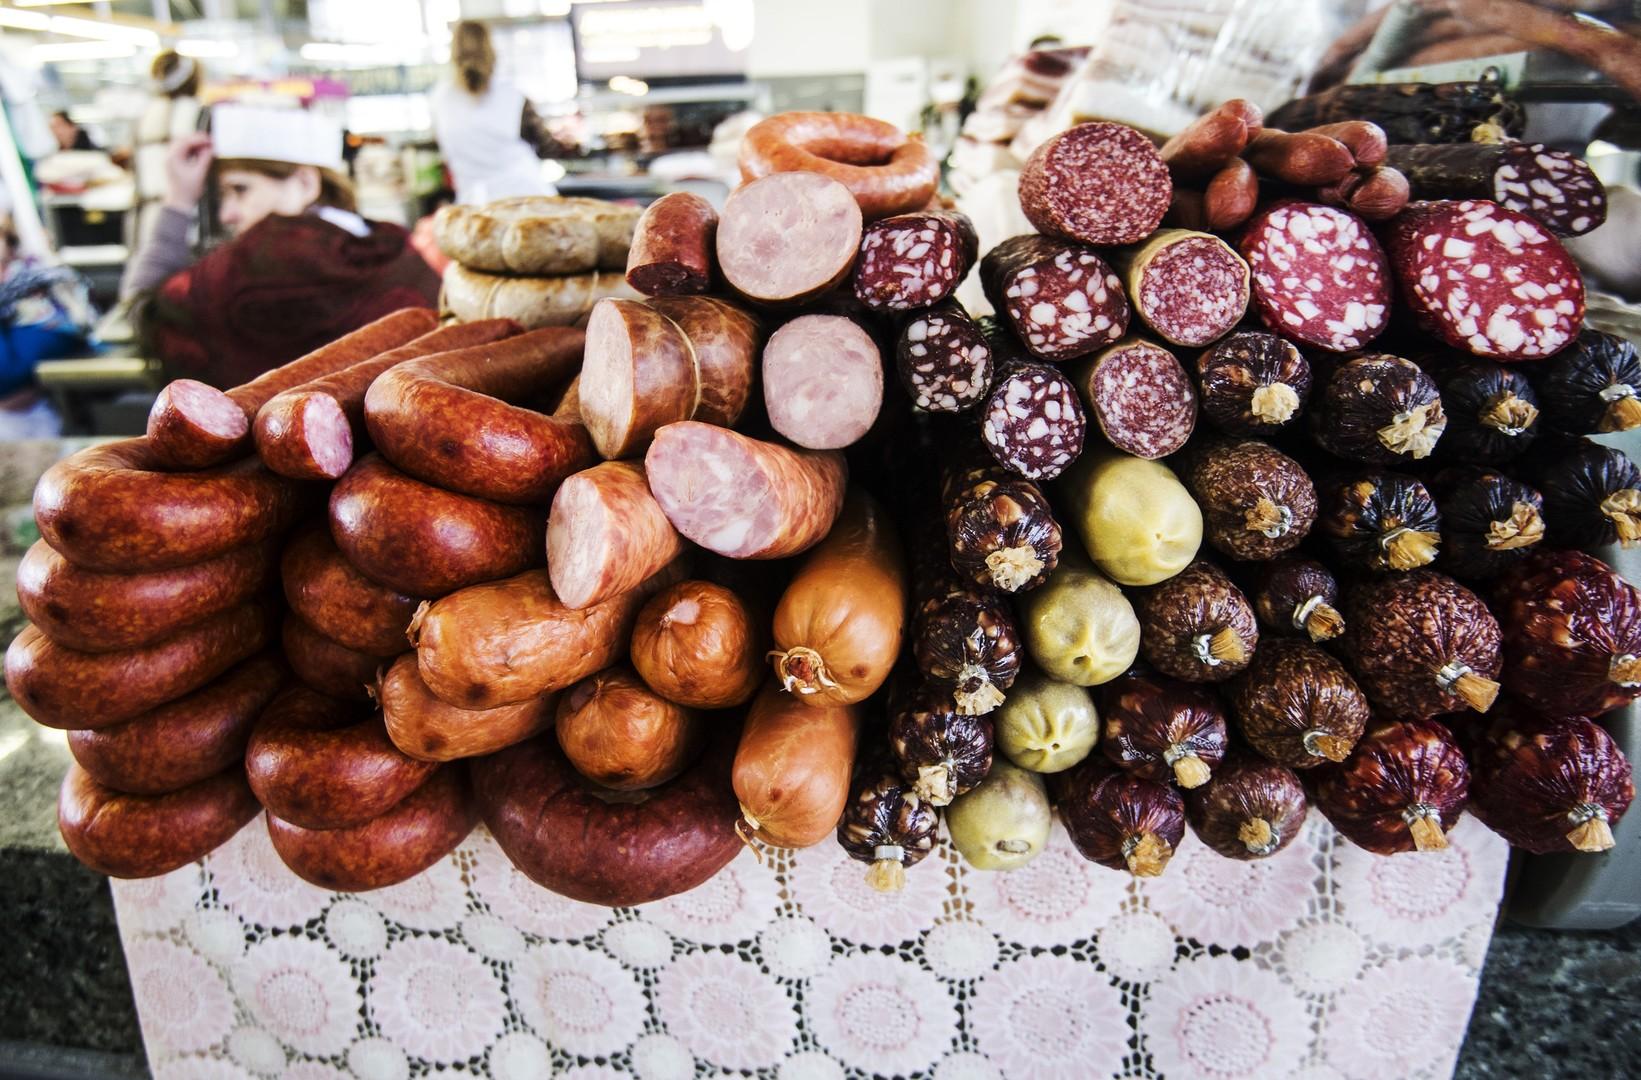 И колбаса вкусная: производителей обяжут выпускать докторскую только по советскому рецепту